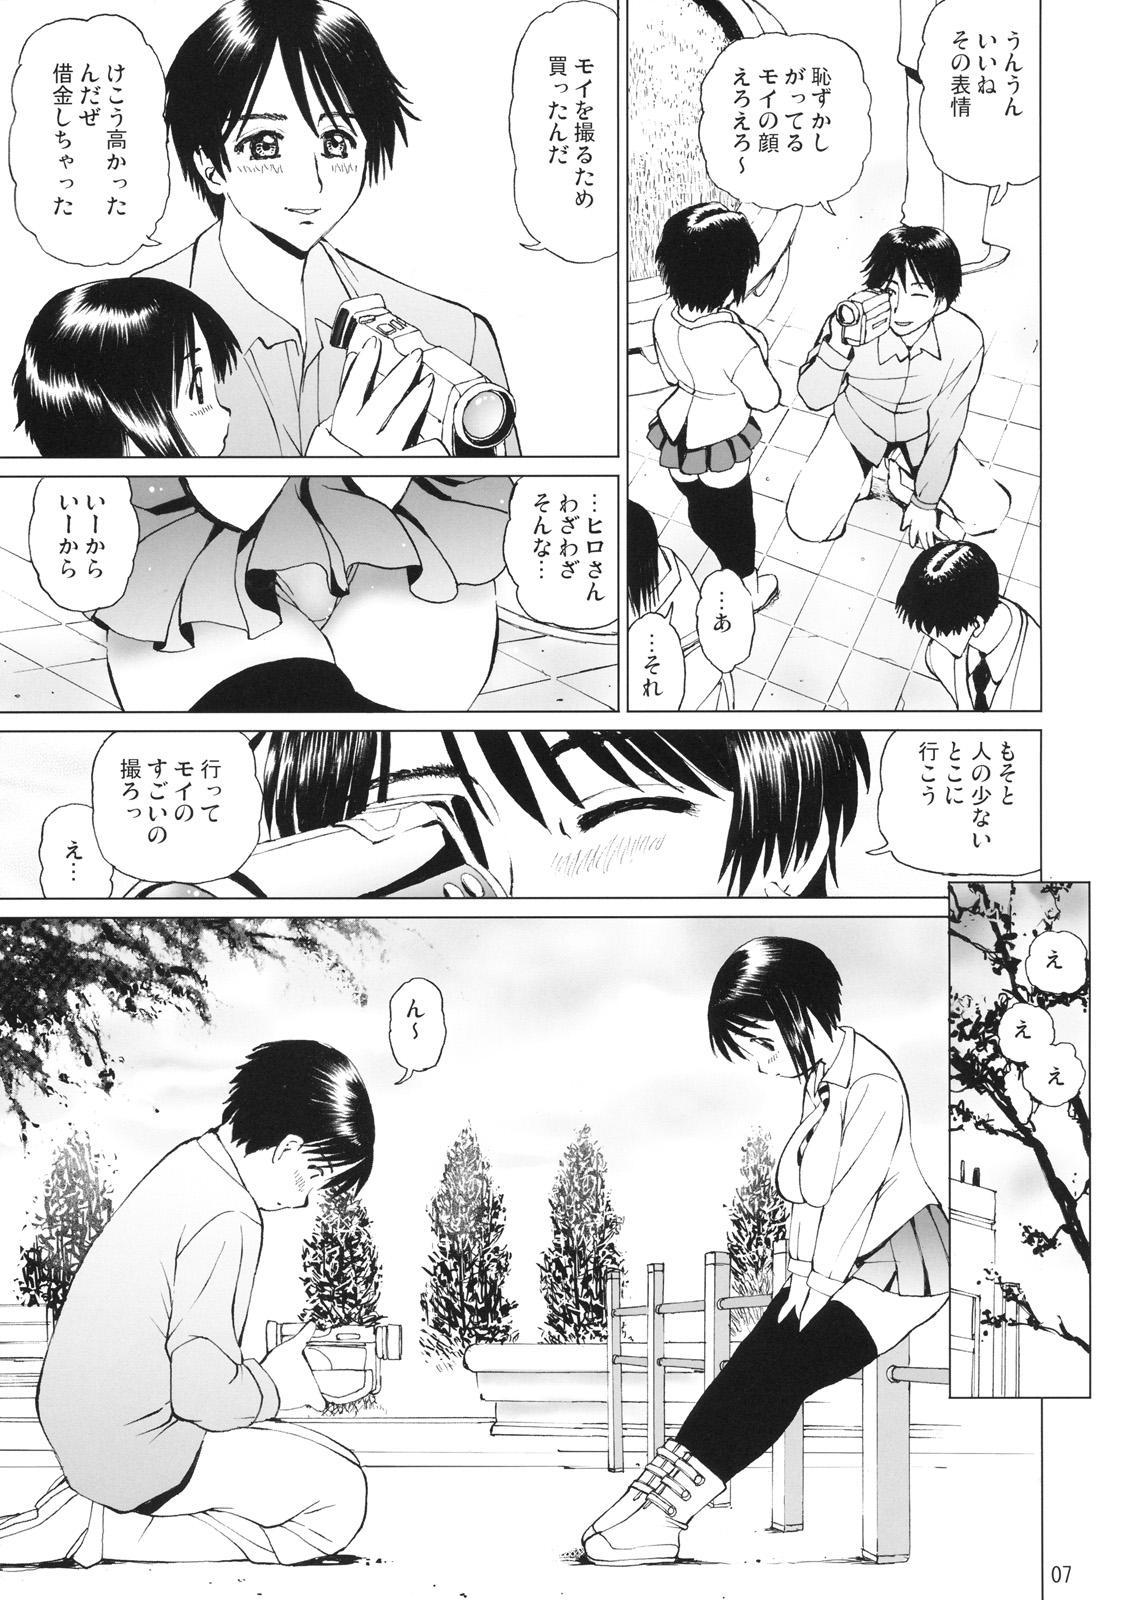 Moimoi no Nikudoree Sengen 5